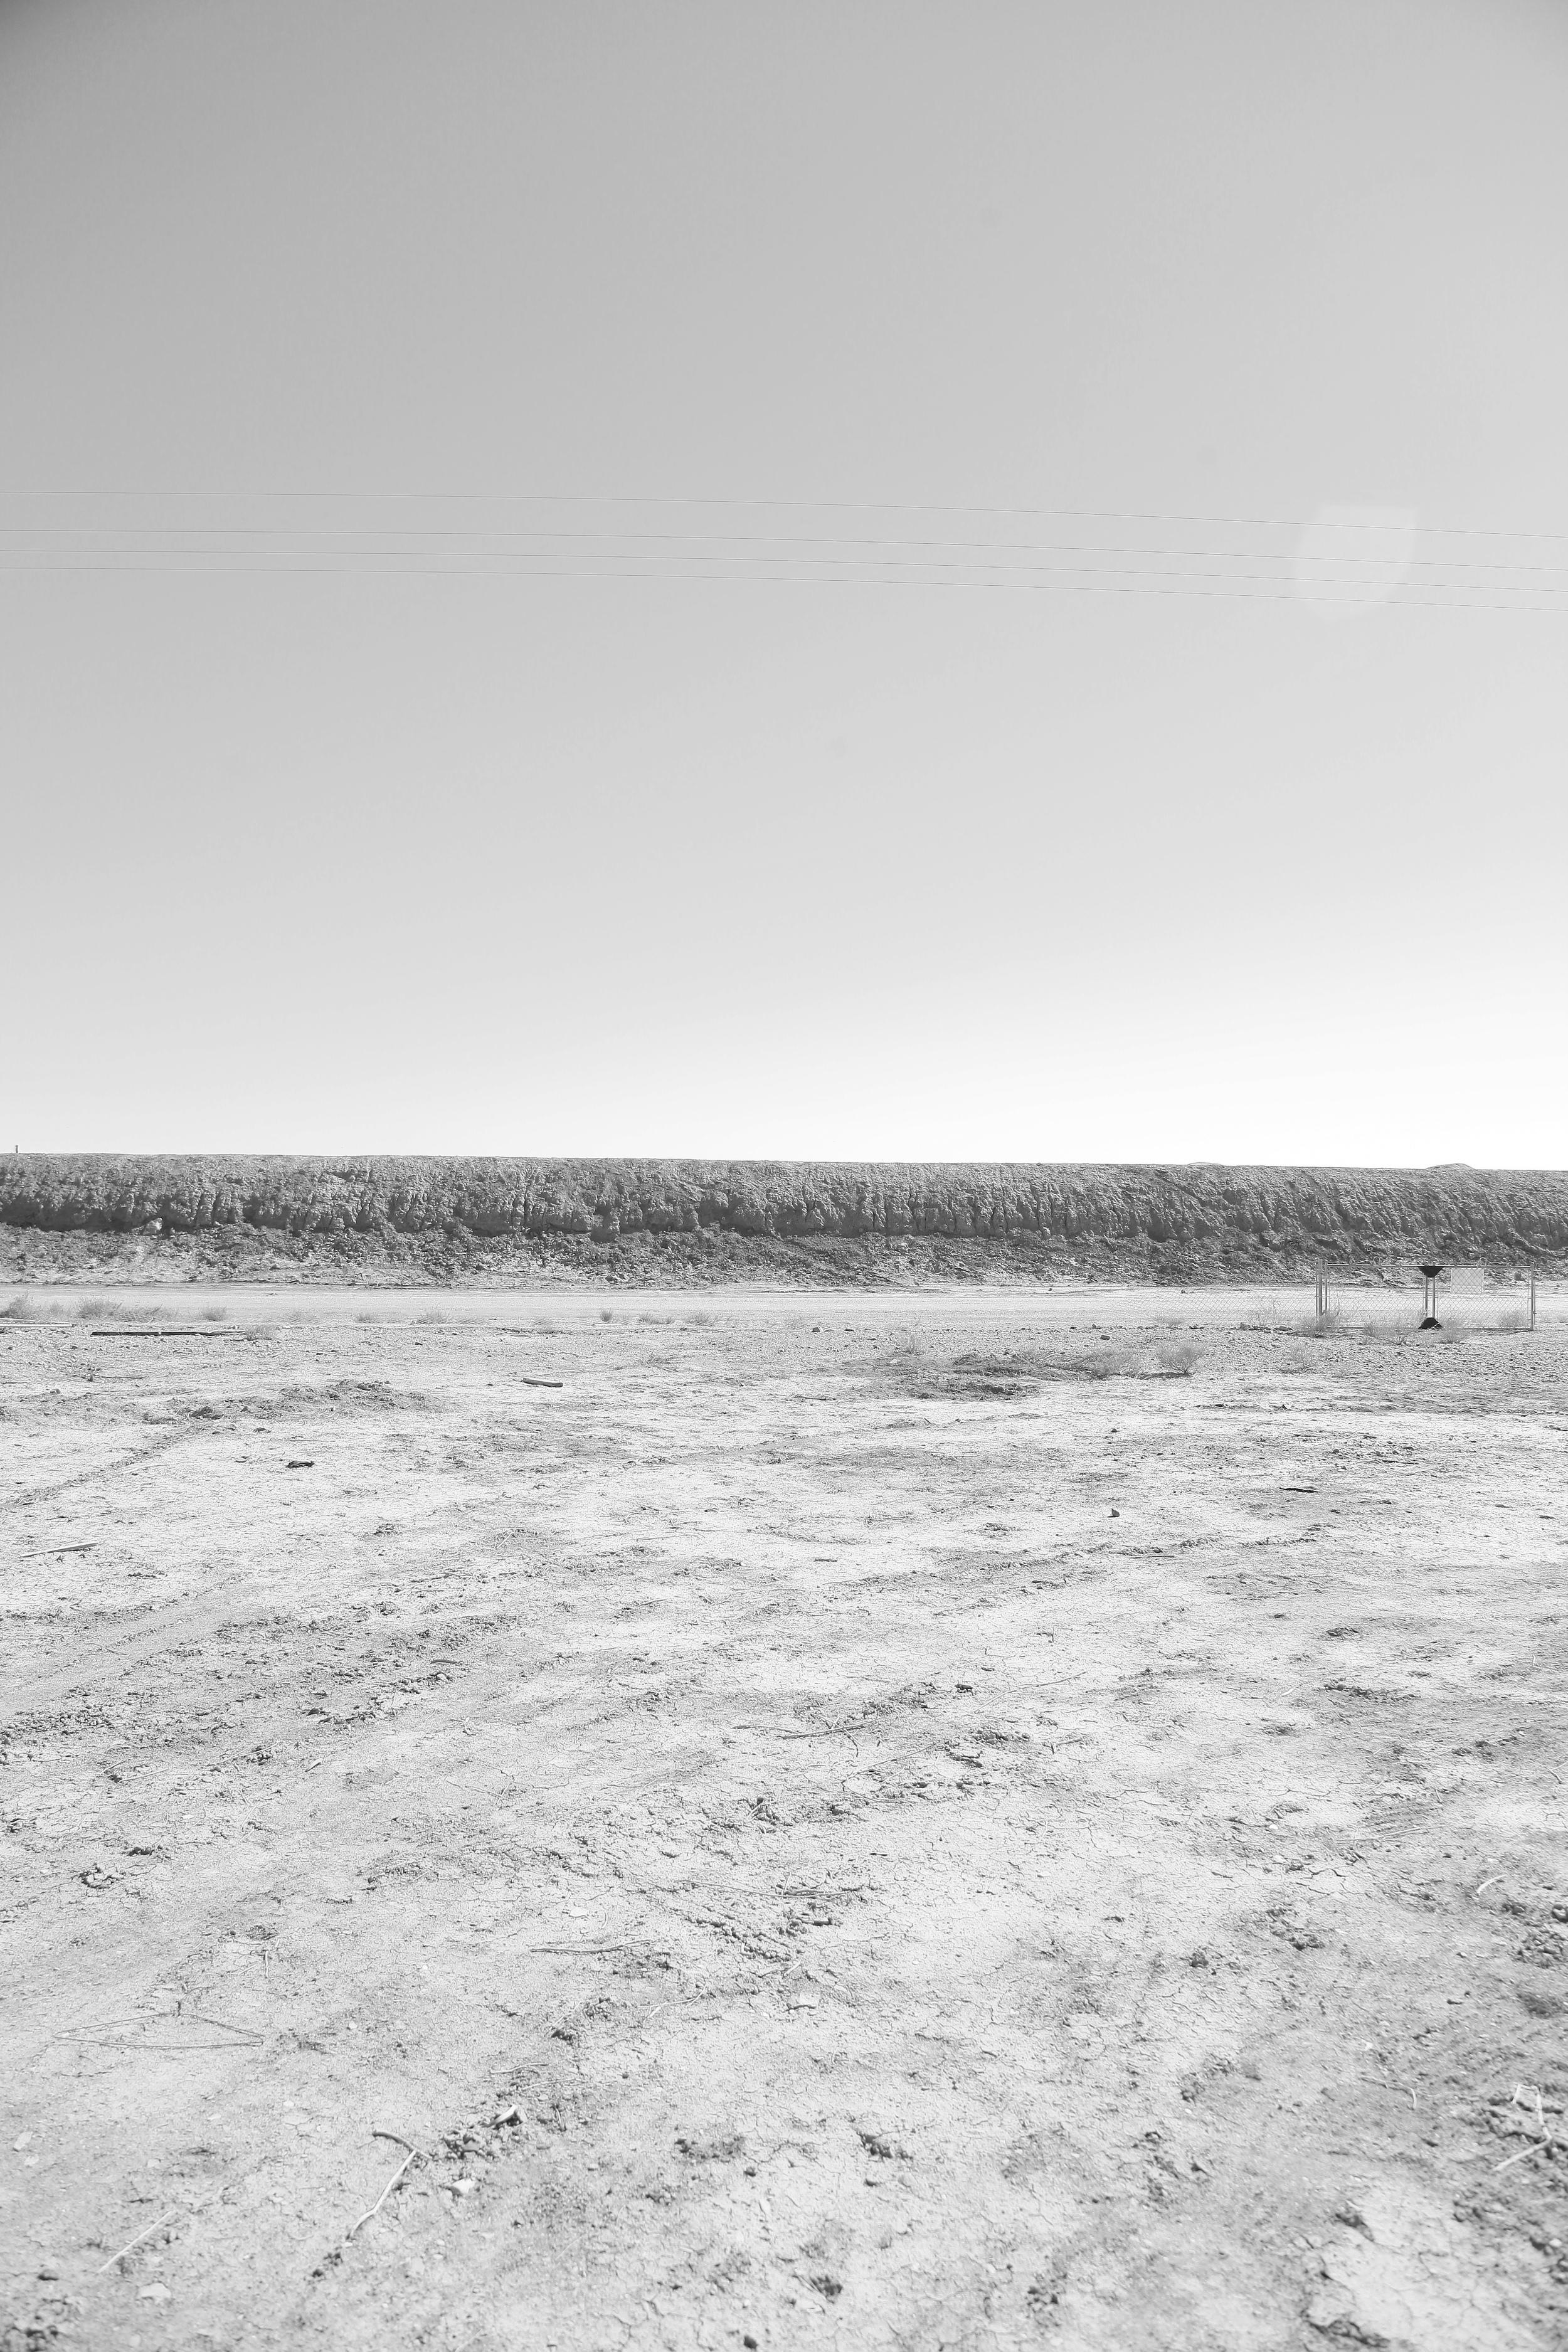 Salton_Sea_.jpg